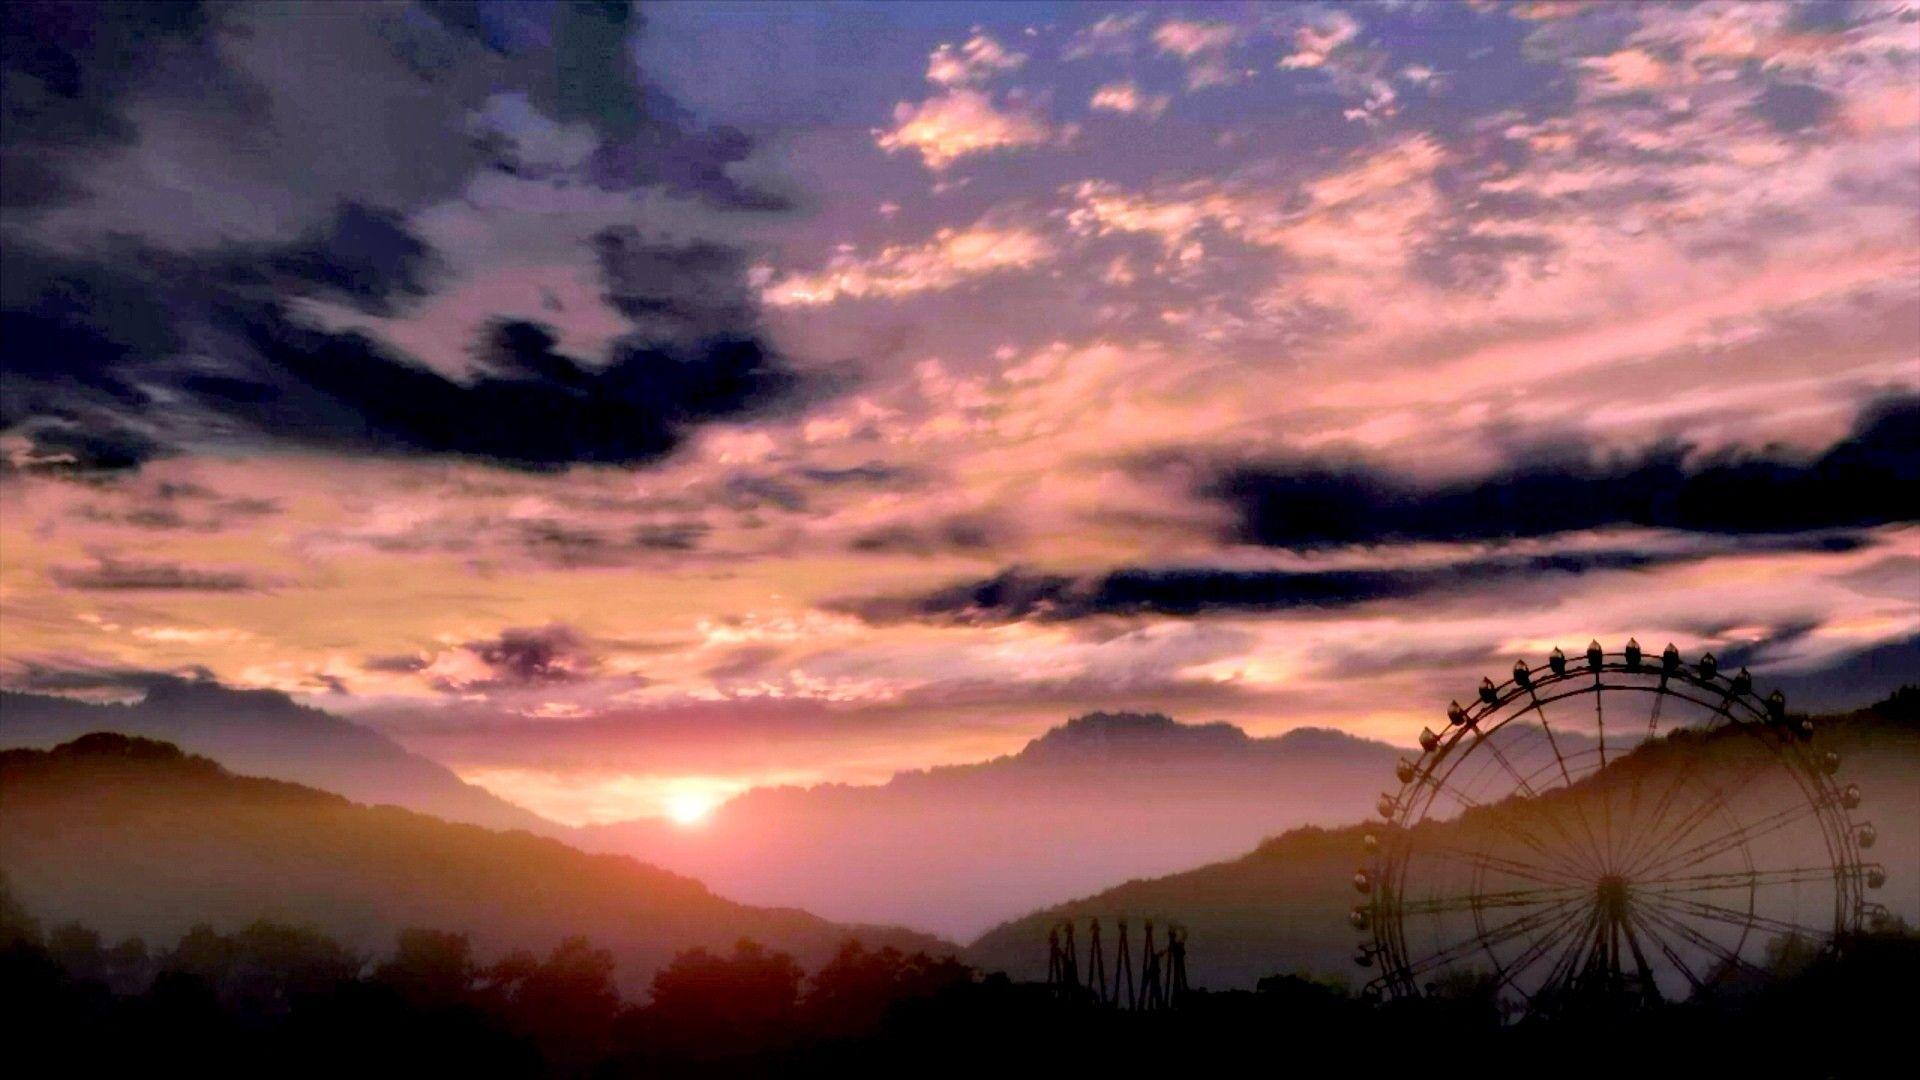 Anime Sunset Anime Sunset Sky Wallpapers Kawaii Art Kurdishotaku خلفيات غروب الشمس أنمي خلفيات أنمي كاواي صور Anime Scenery Sunset Scenery